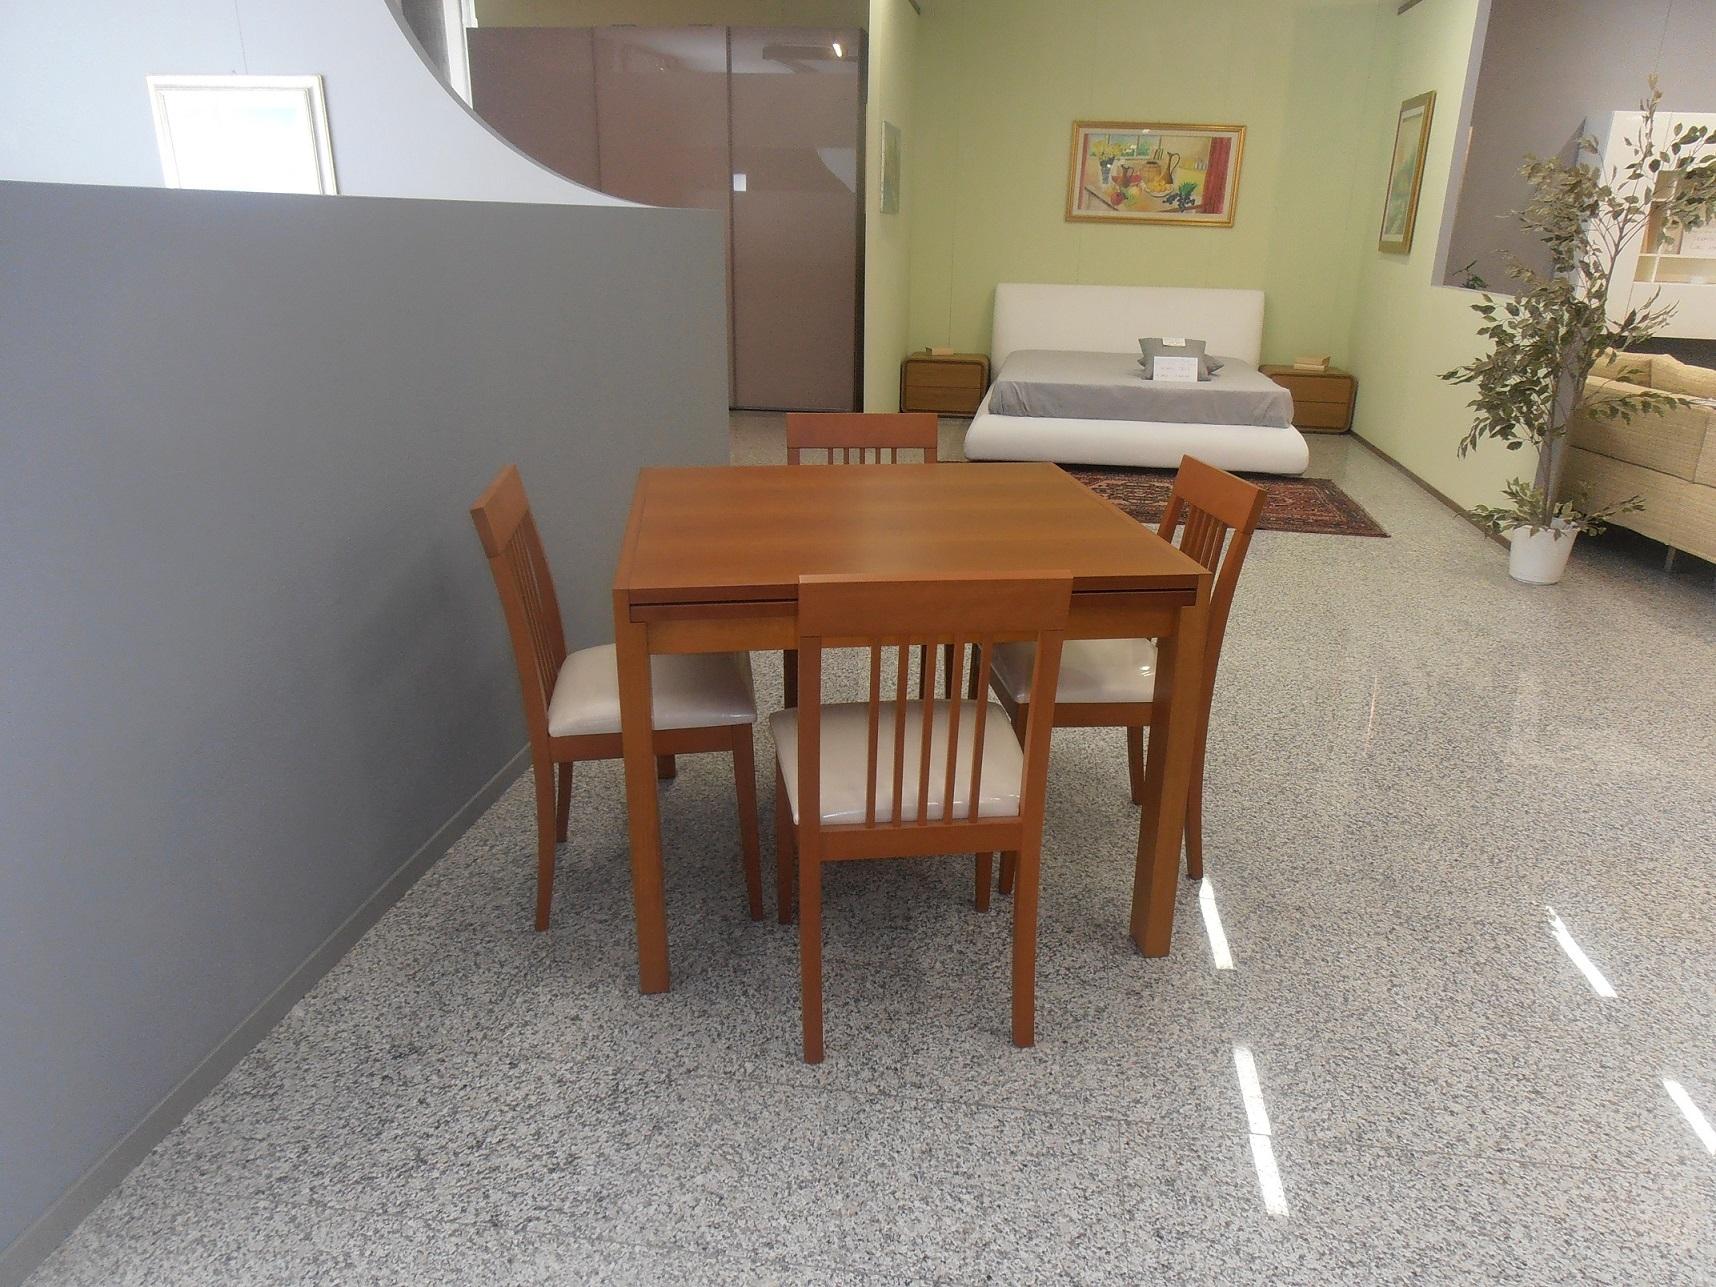 tavolo quadrato ciliegio 4 sedie tavoli a prezzi scontati